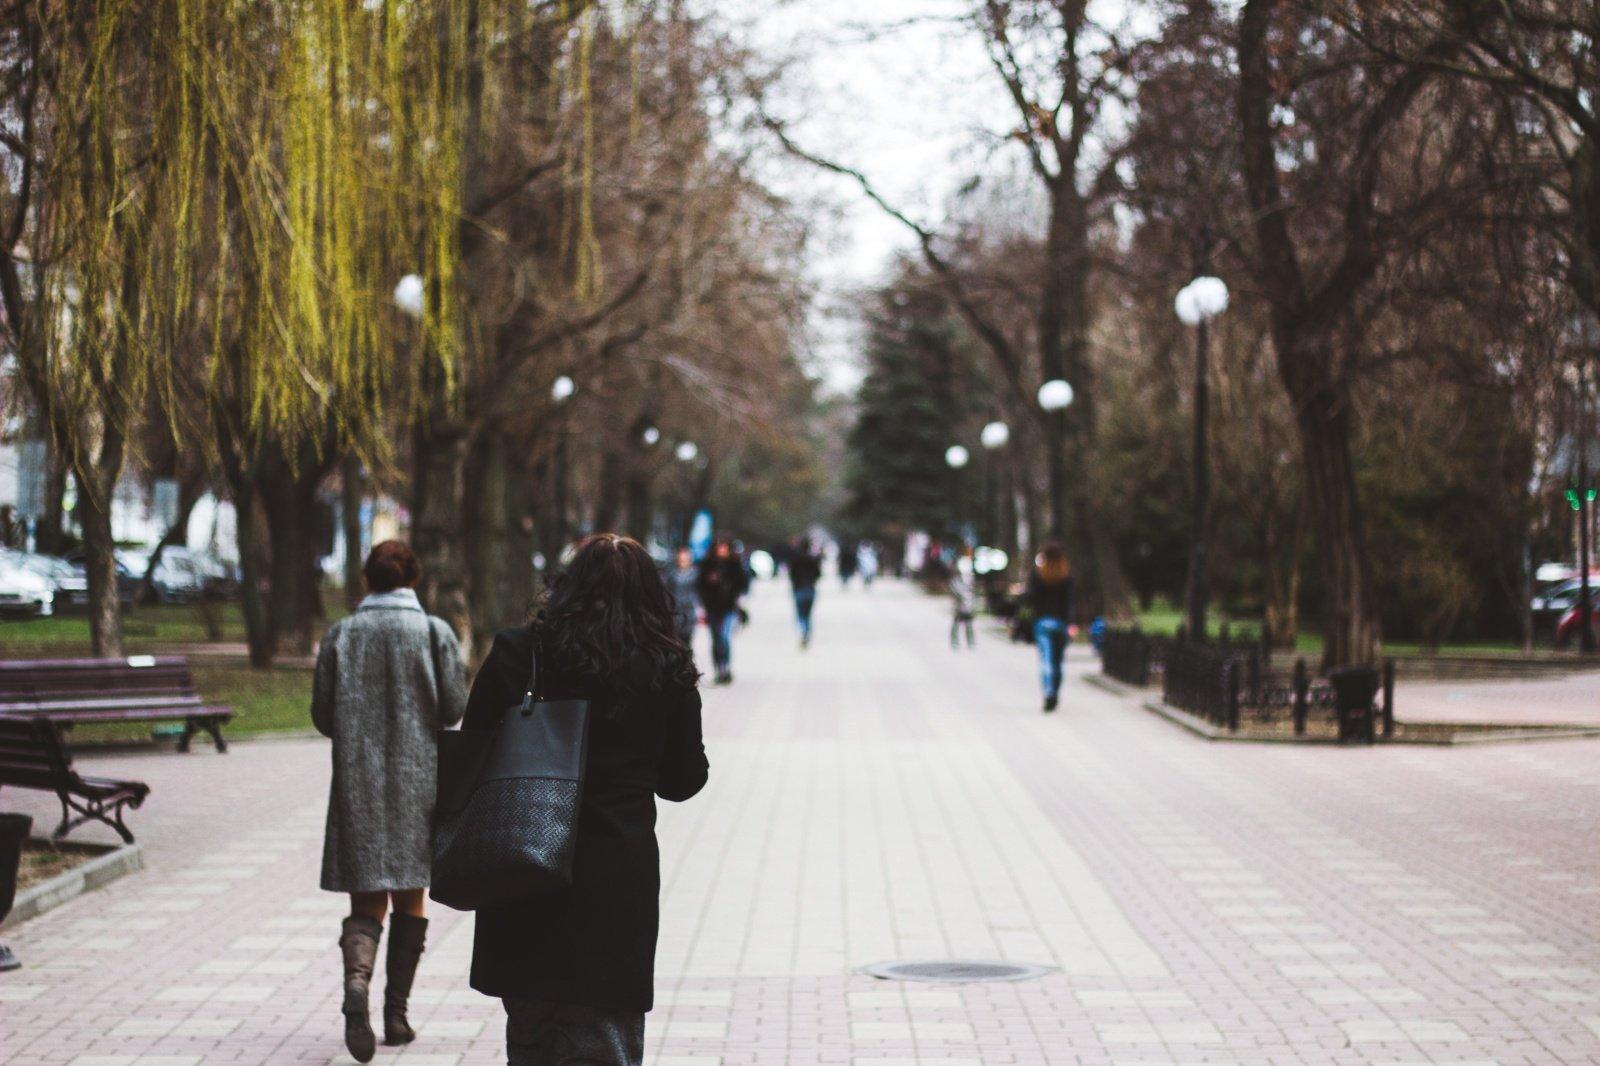 Mokslininkai: karantino metu kilęs nerimas dėl išvaizdos gali turėti nepageidaujamų pasekmių sveikatai